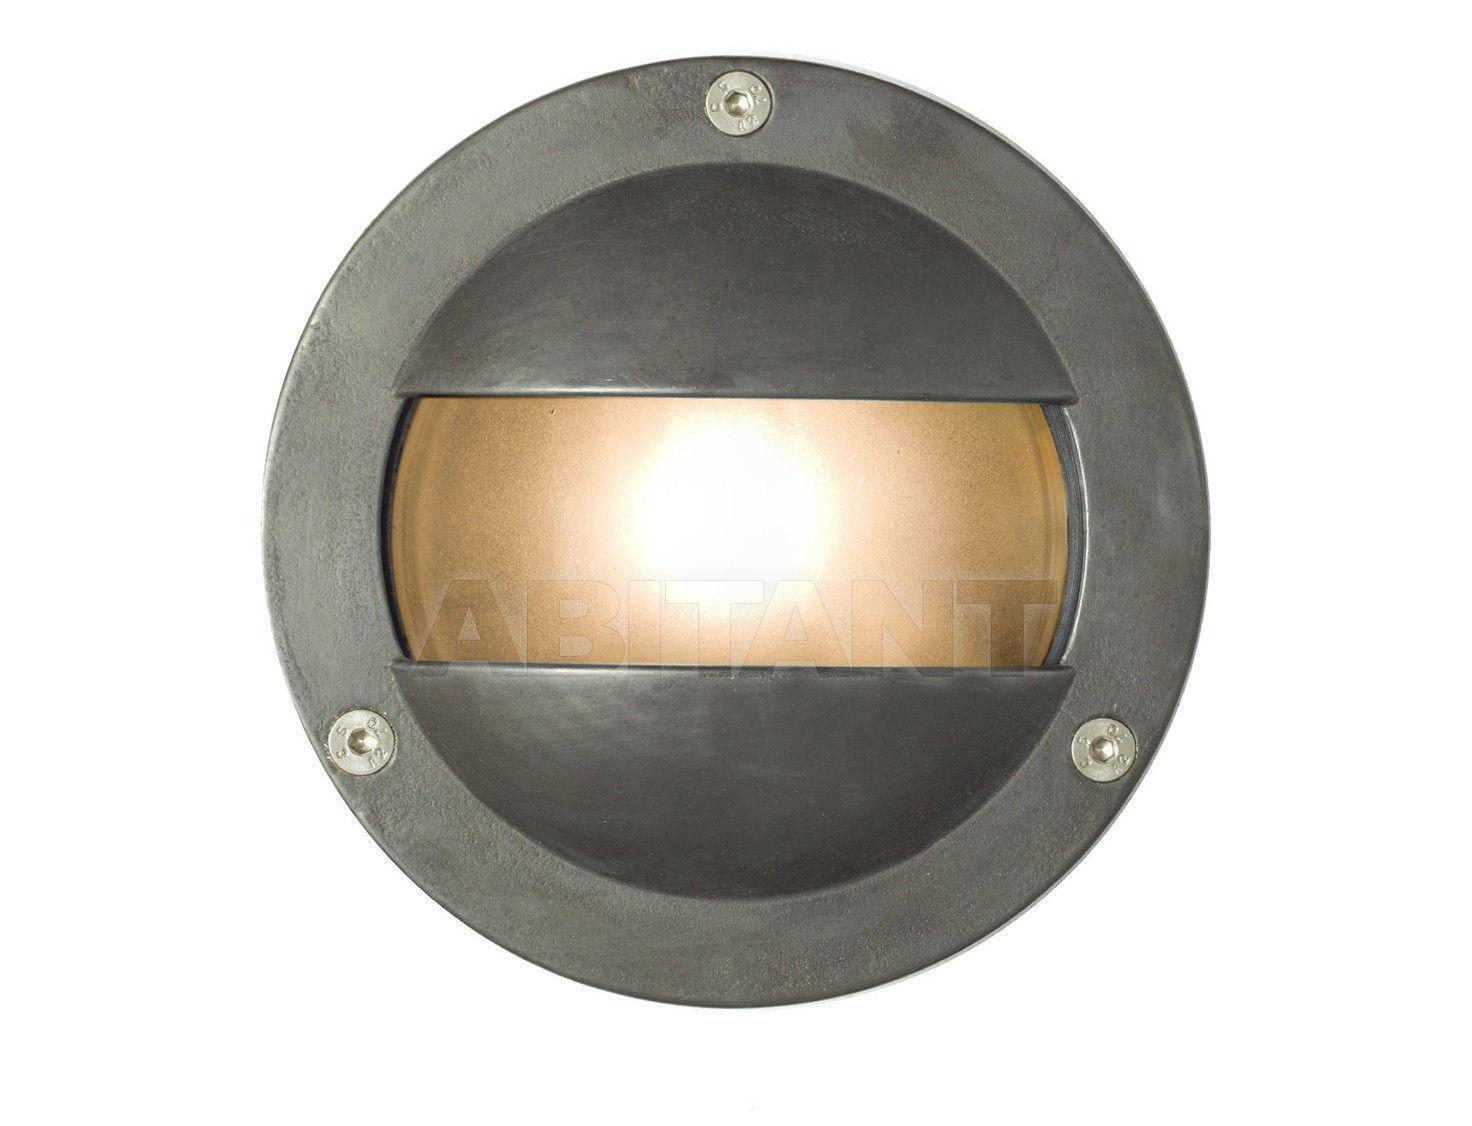 Купить Светильник Davey Lighting Bulkhead Lights 8037/BR/WE/GX53